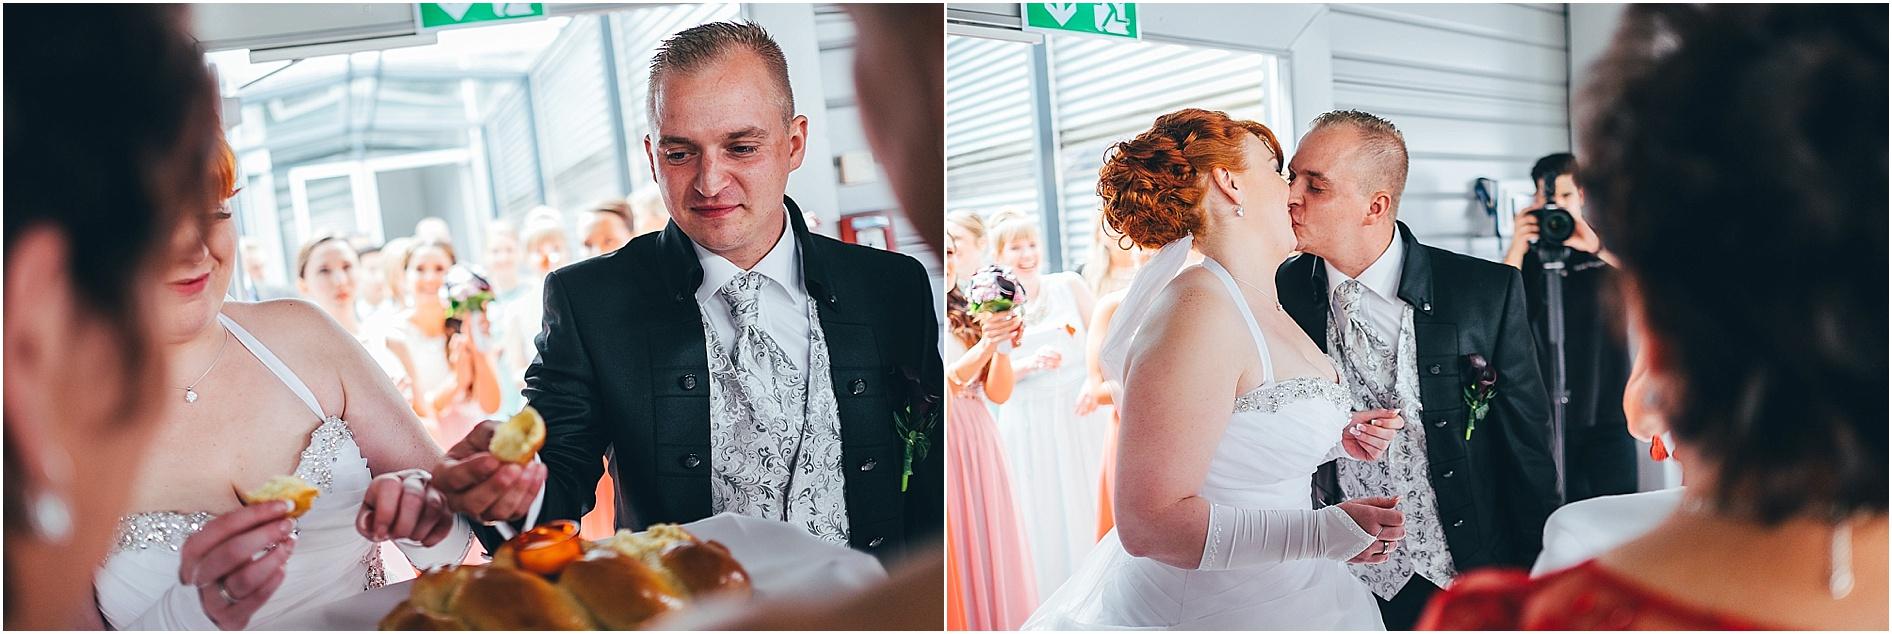 2014-11-20_0091 Lora & Daniel - Als Hochzeitsfotograf in Lüneburg